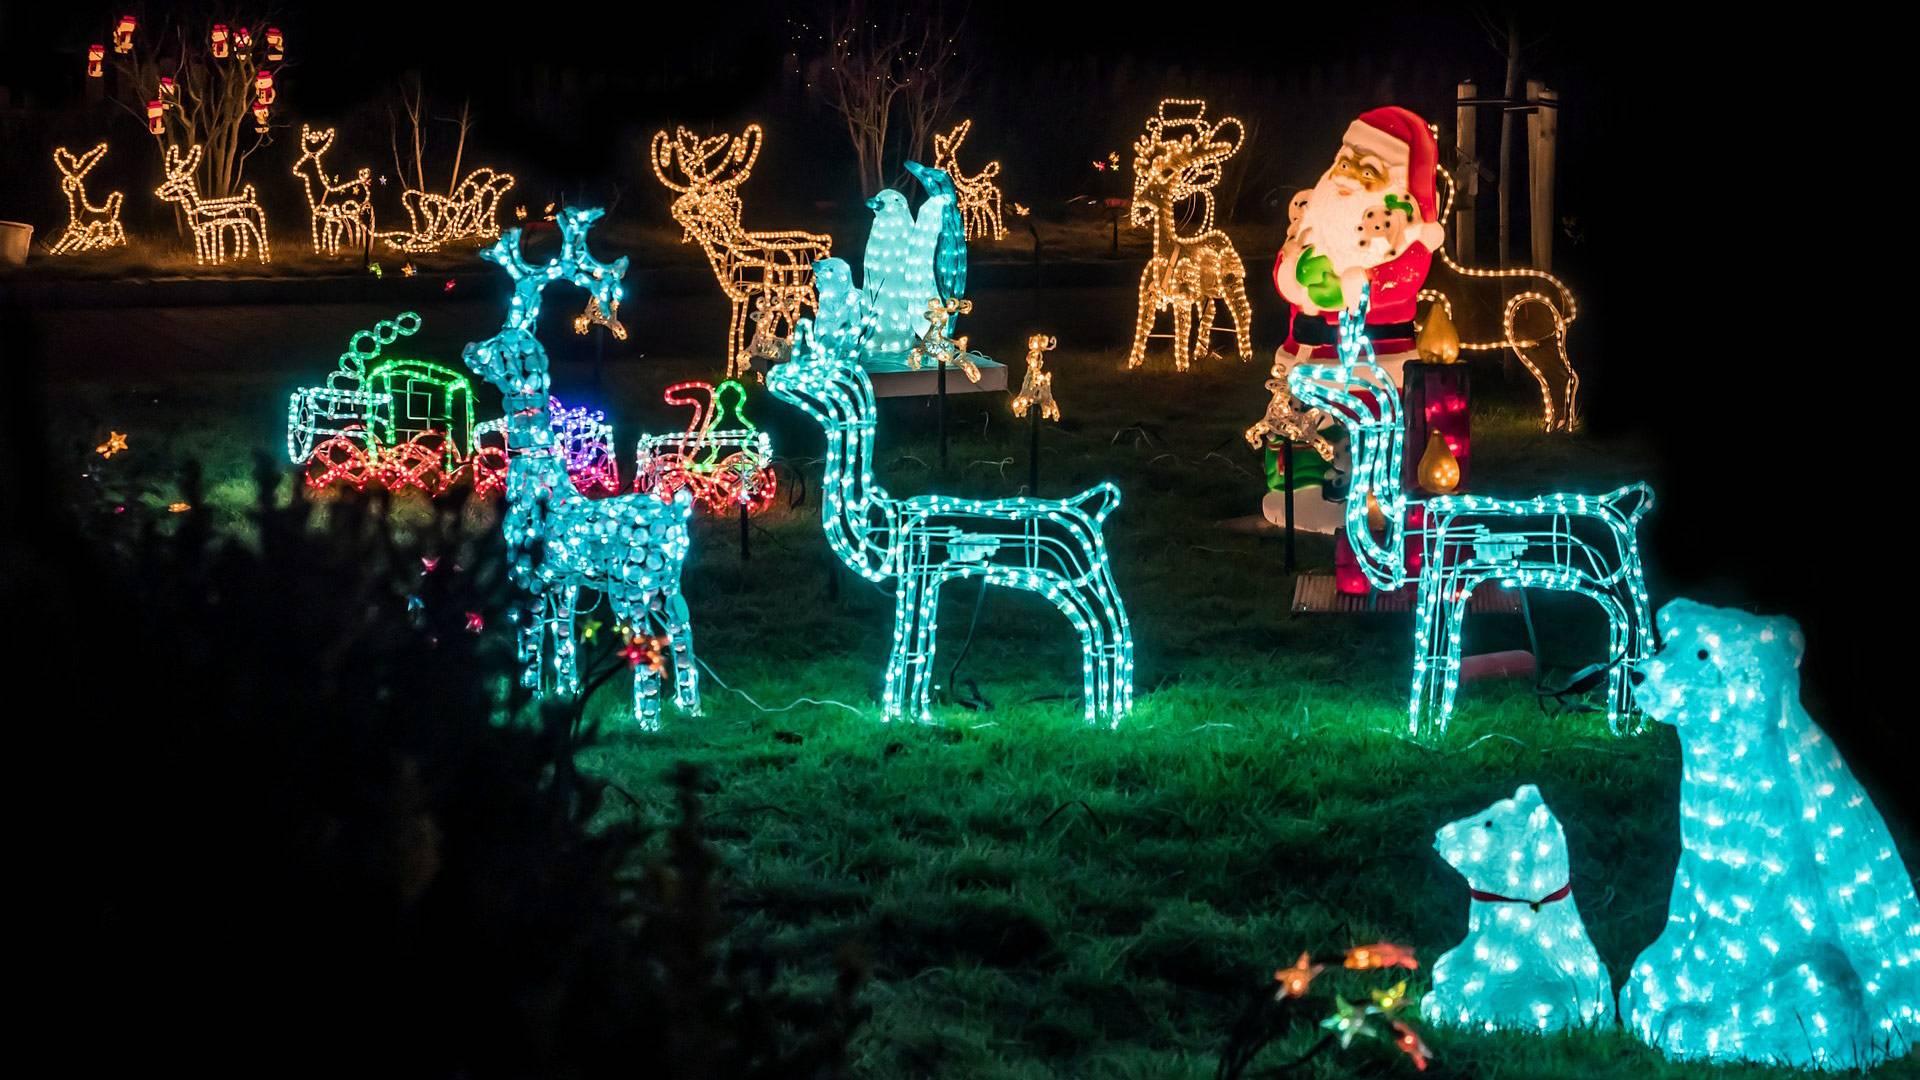 Weihnachtsbeleutung für den Garten